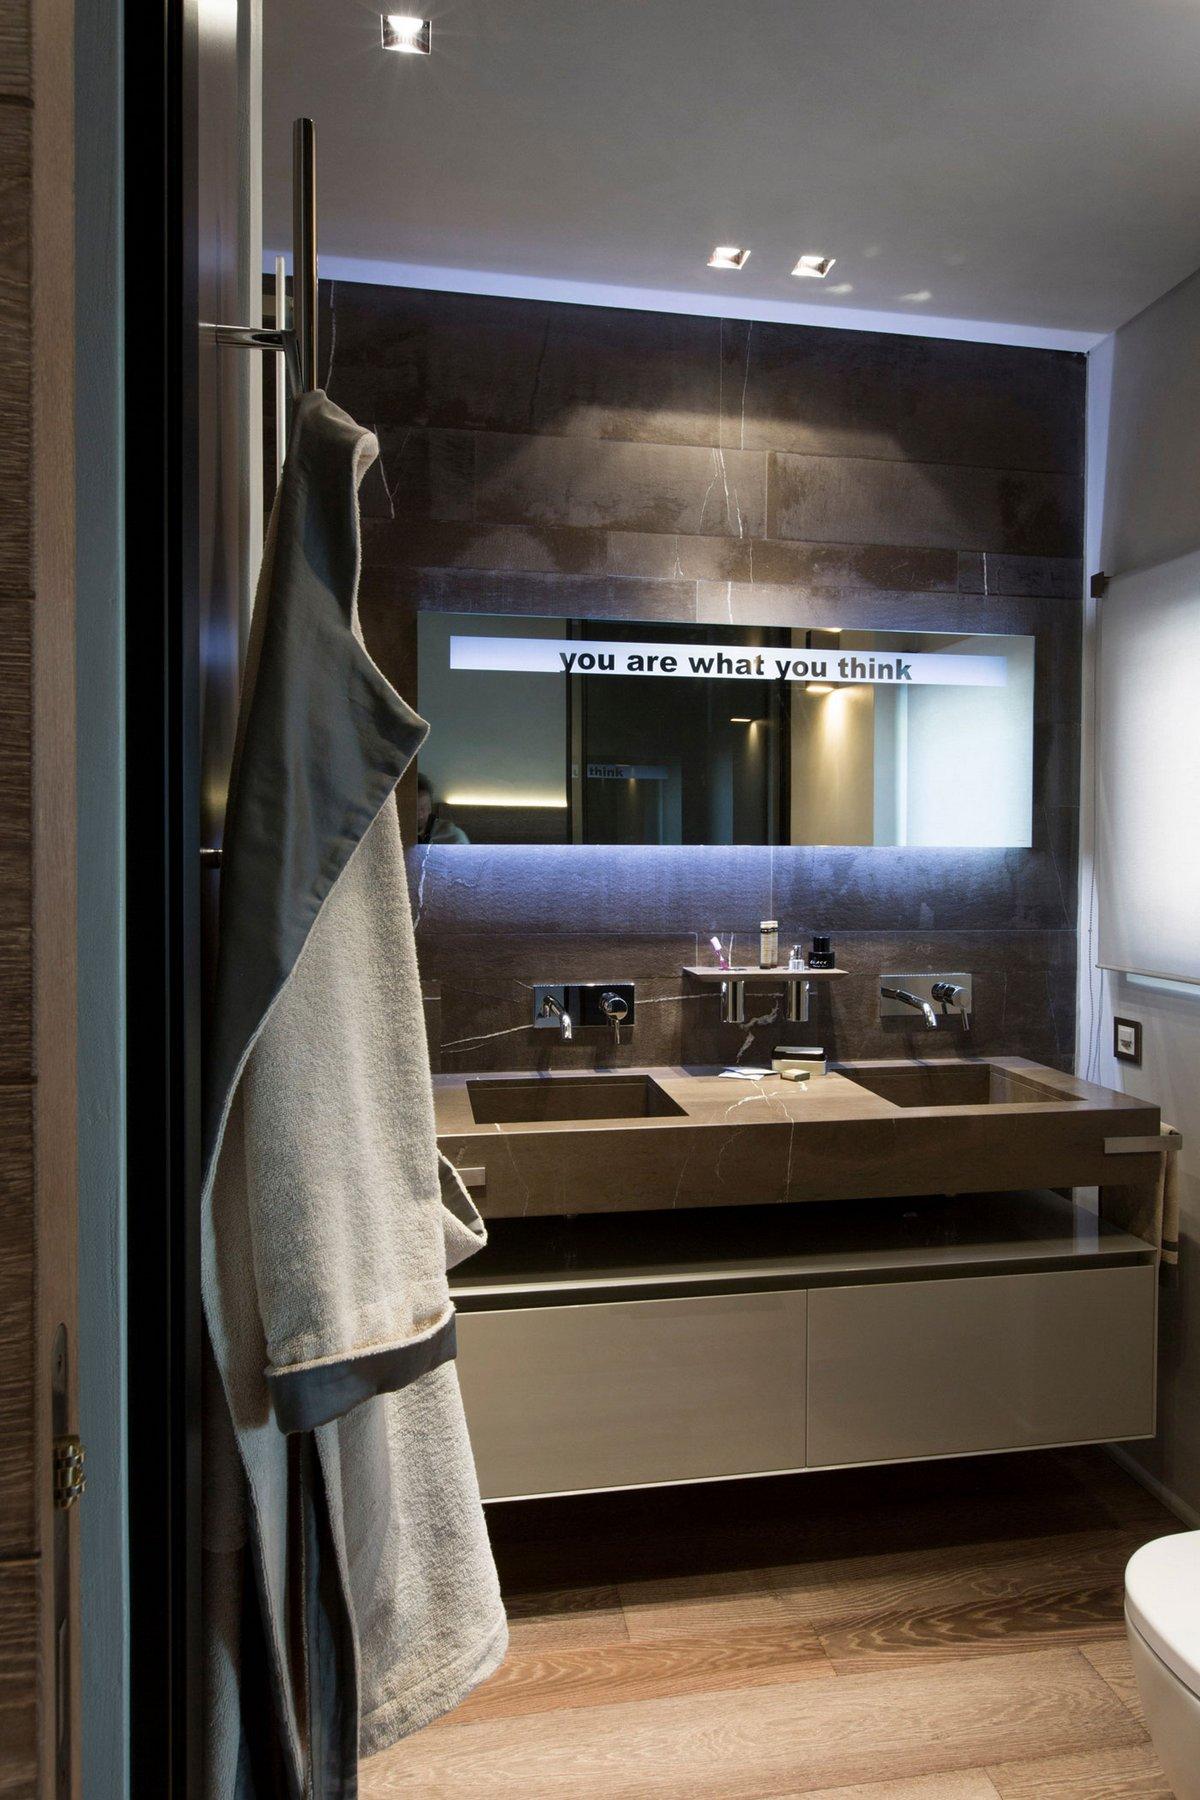 шале швейцария, загородный дом в стиле шале фото, Angelo Pozzoli, гостиная в стиле шале, коттедж в стиле шале, деревянный дом в стиле шале